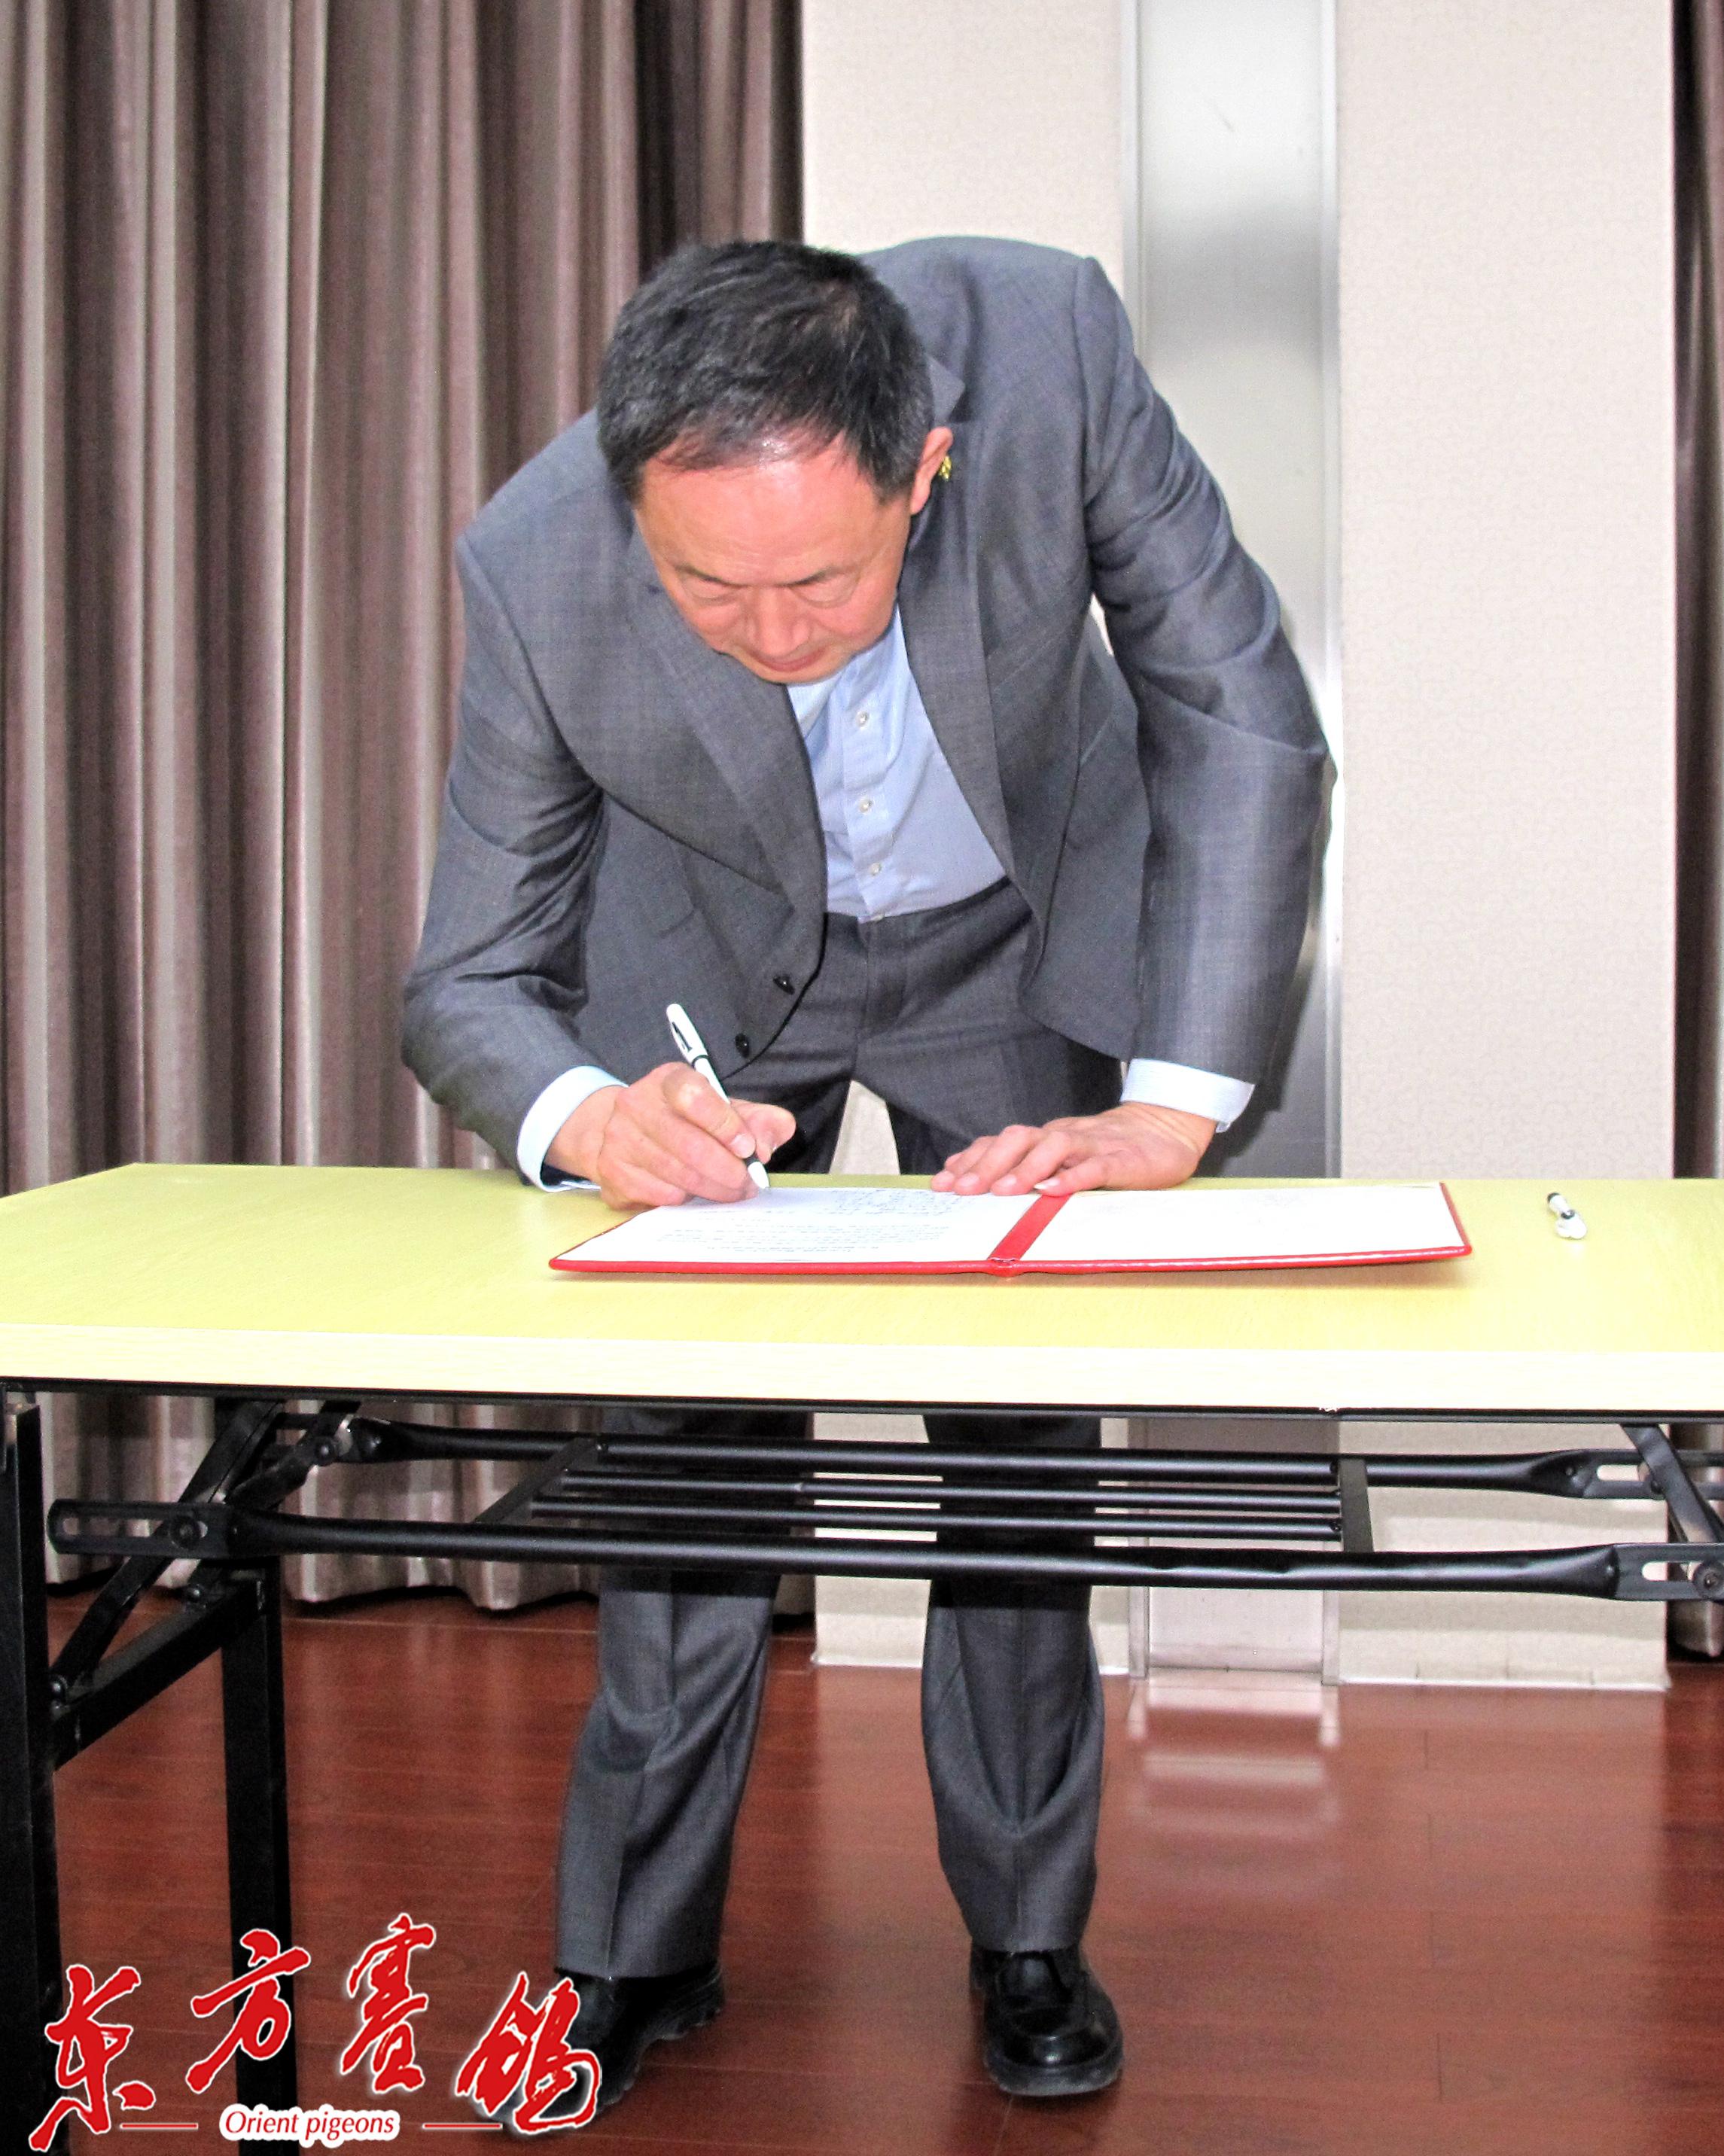 17、中鸽协法律委员会主任陈志平在打击网鸽协议书上签字。